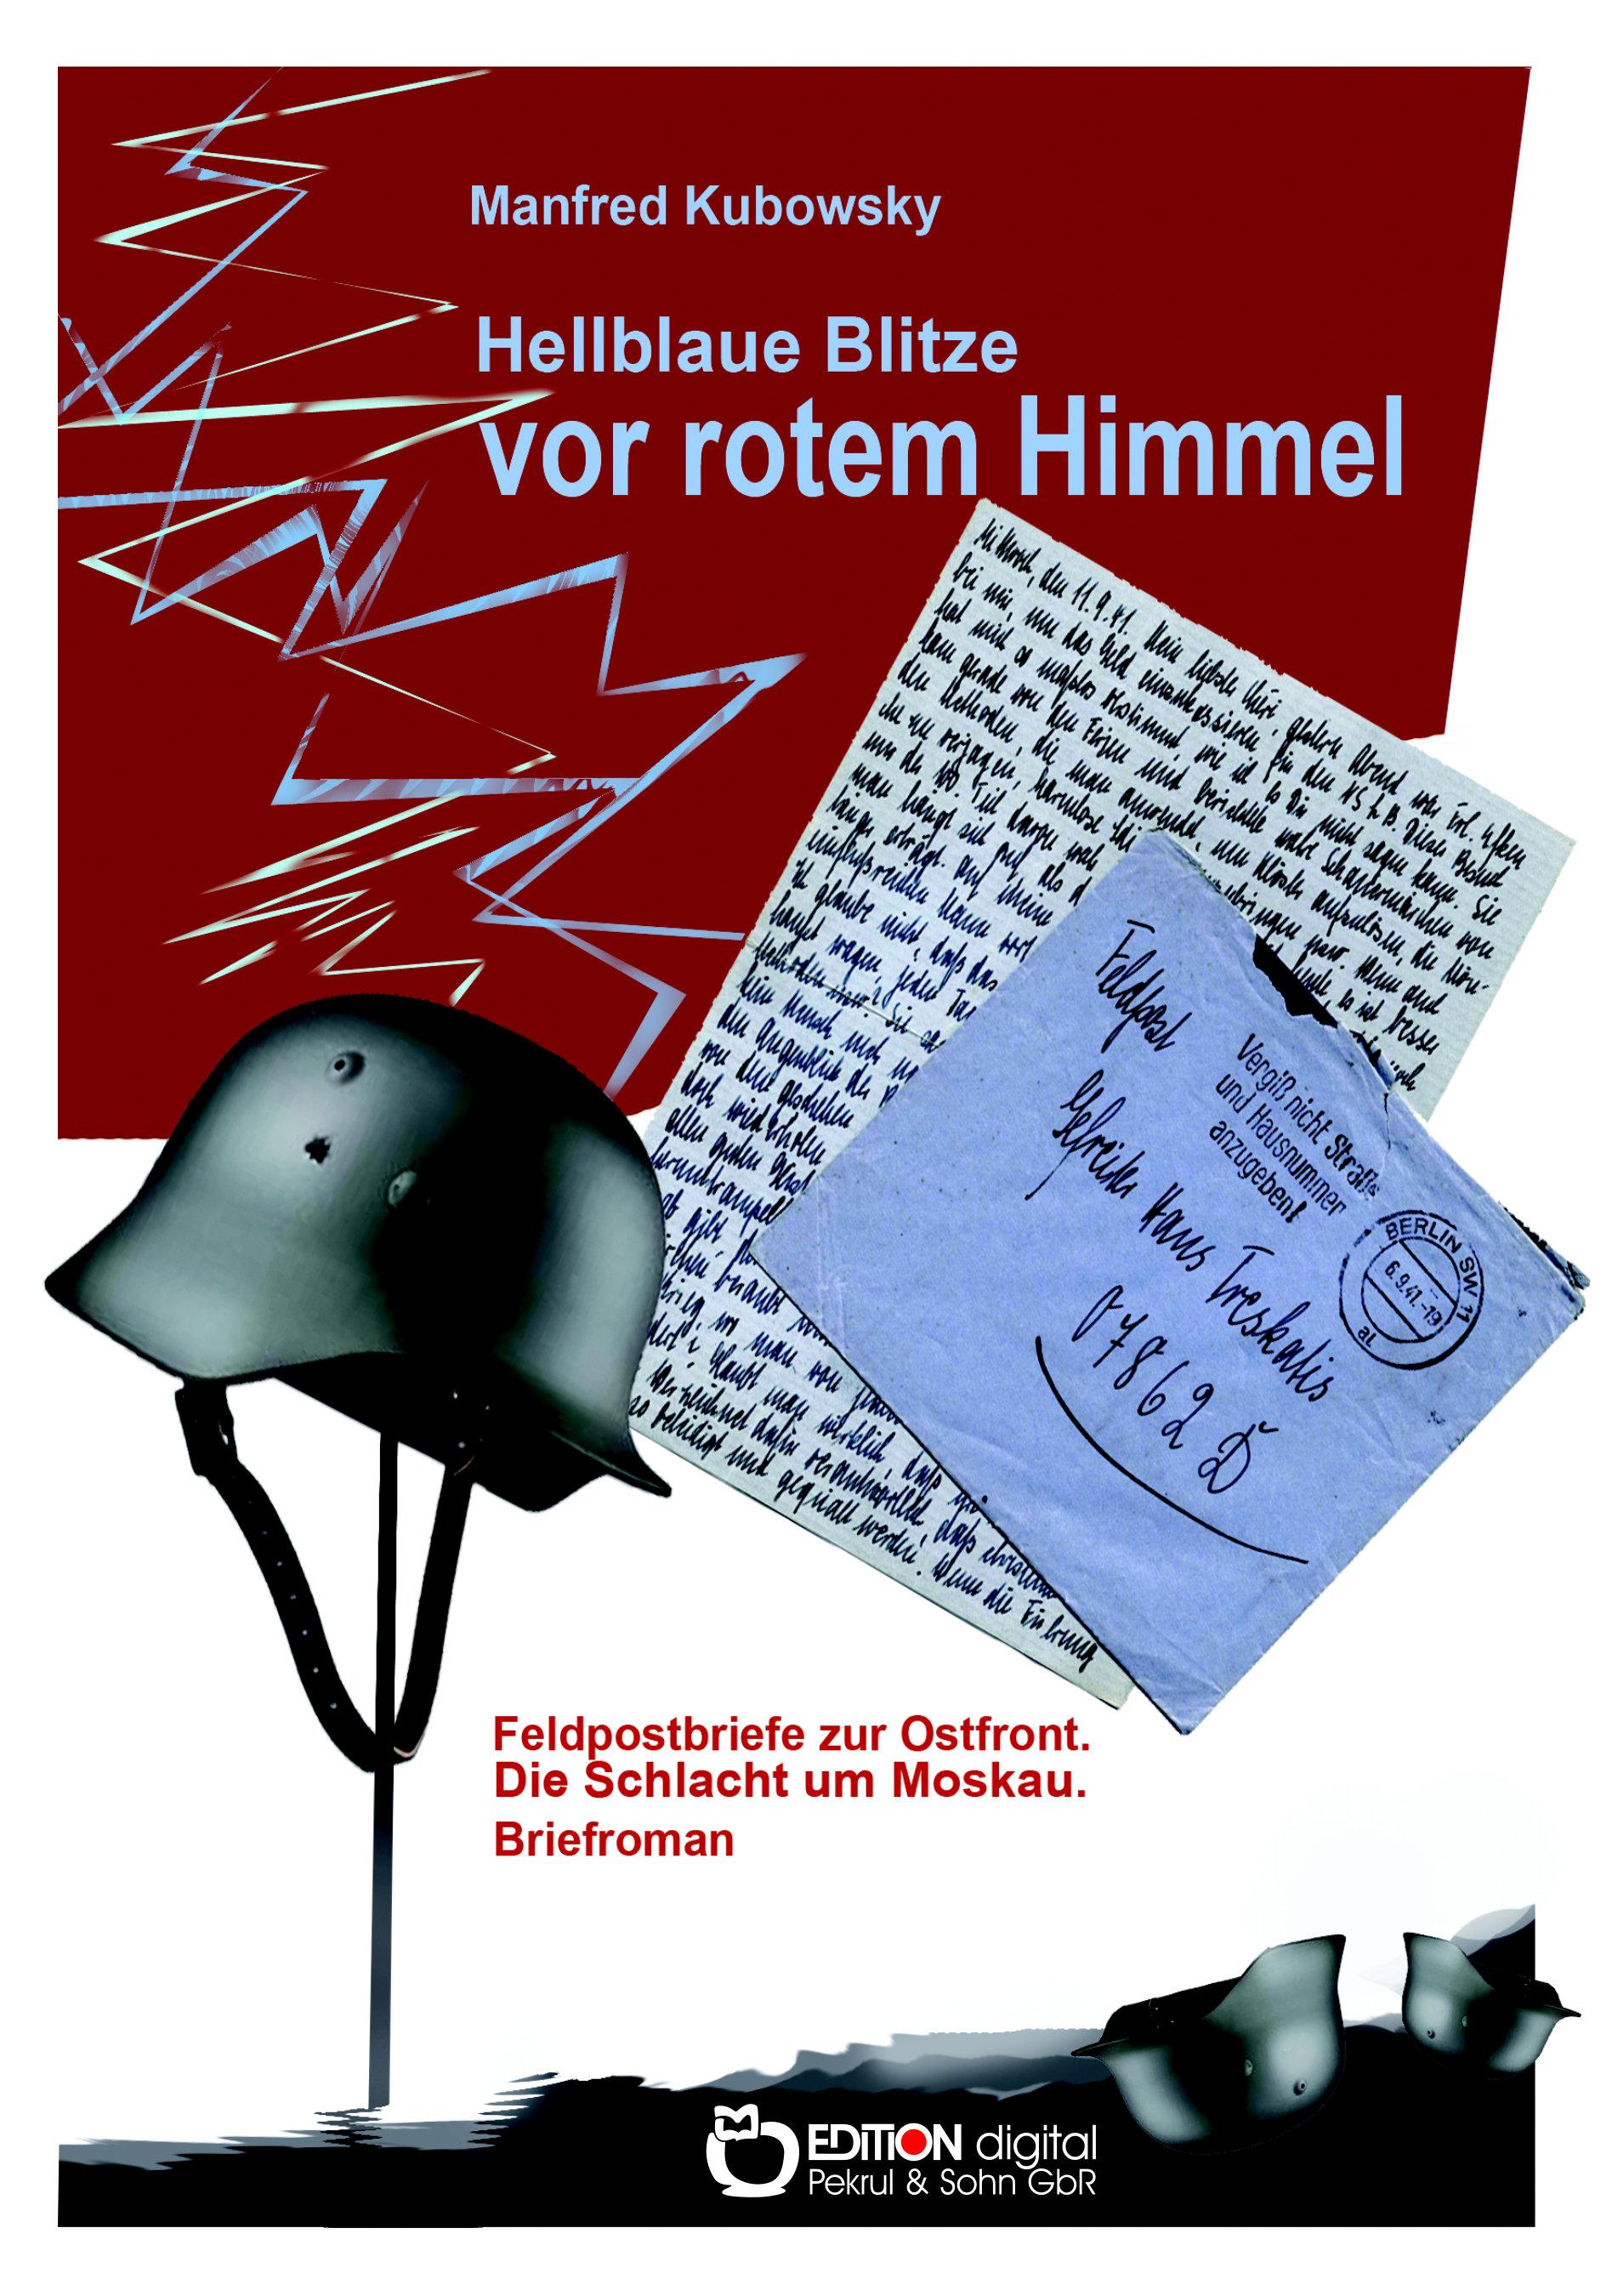 Hellblaue Blitze vor rotem Himmel. Briefroman aus der Zeit der Schlacht um Moskau (1941) von Manfred Kubowsky